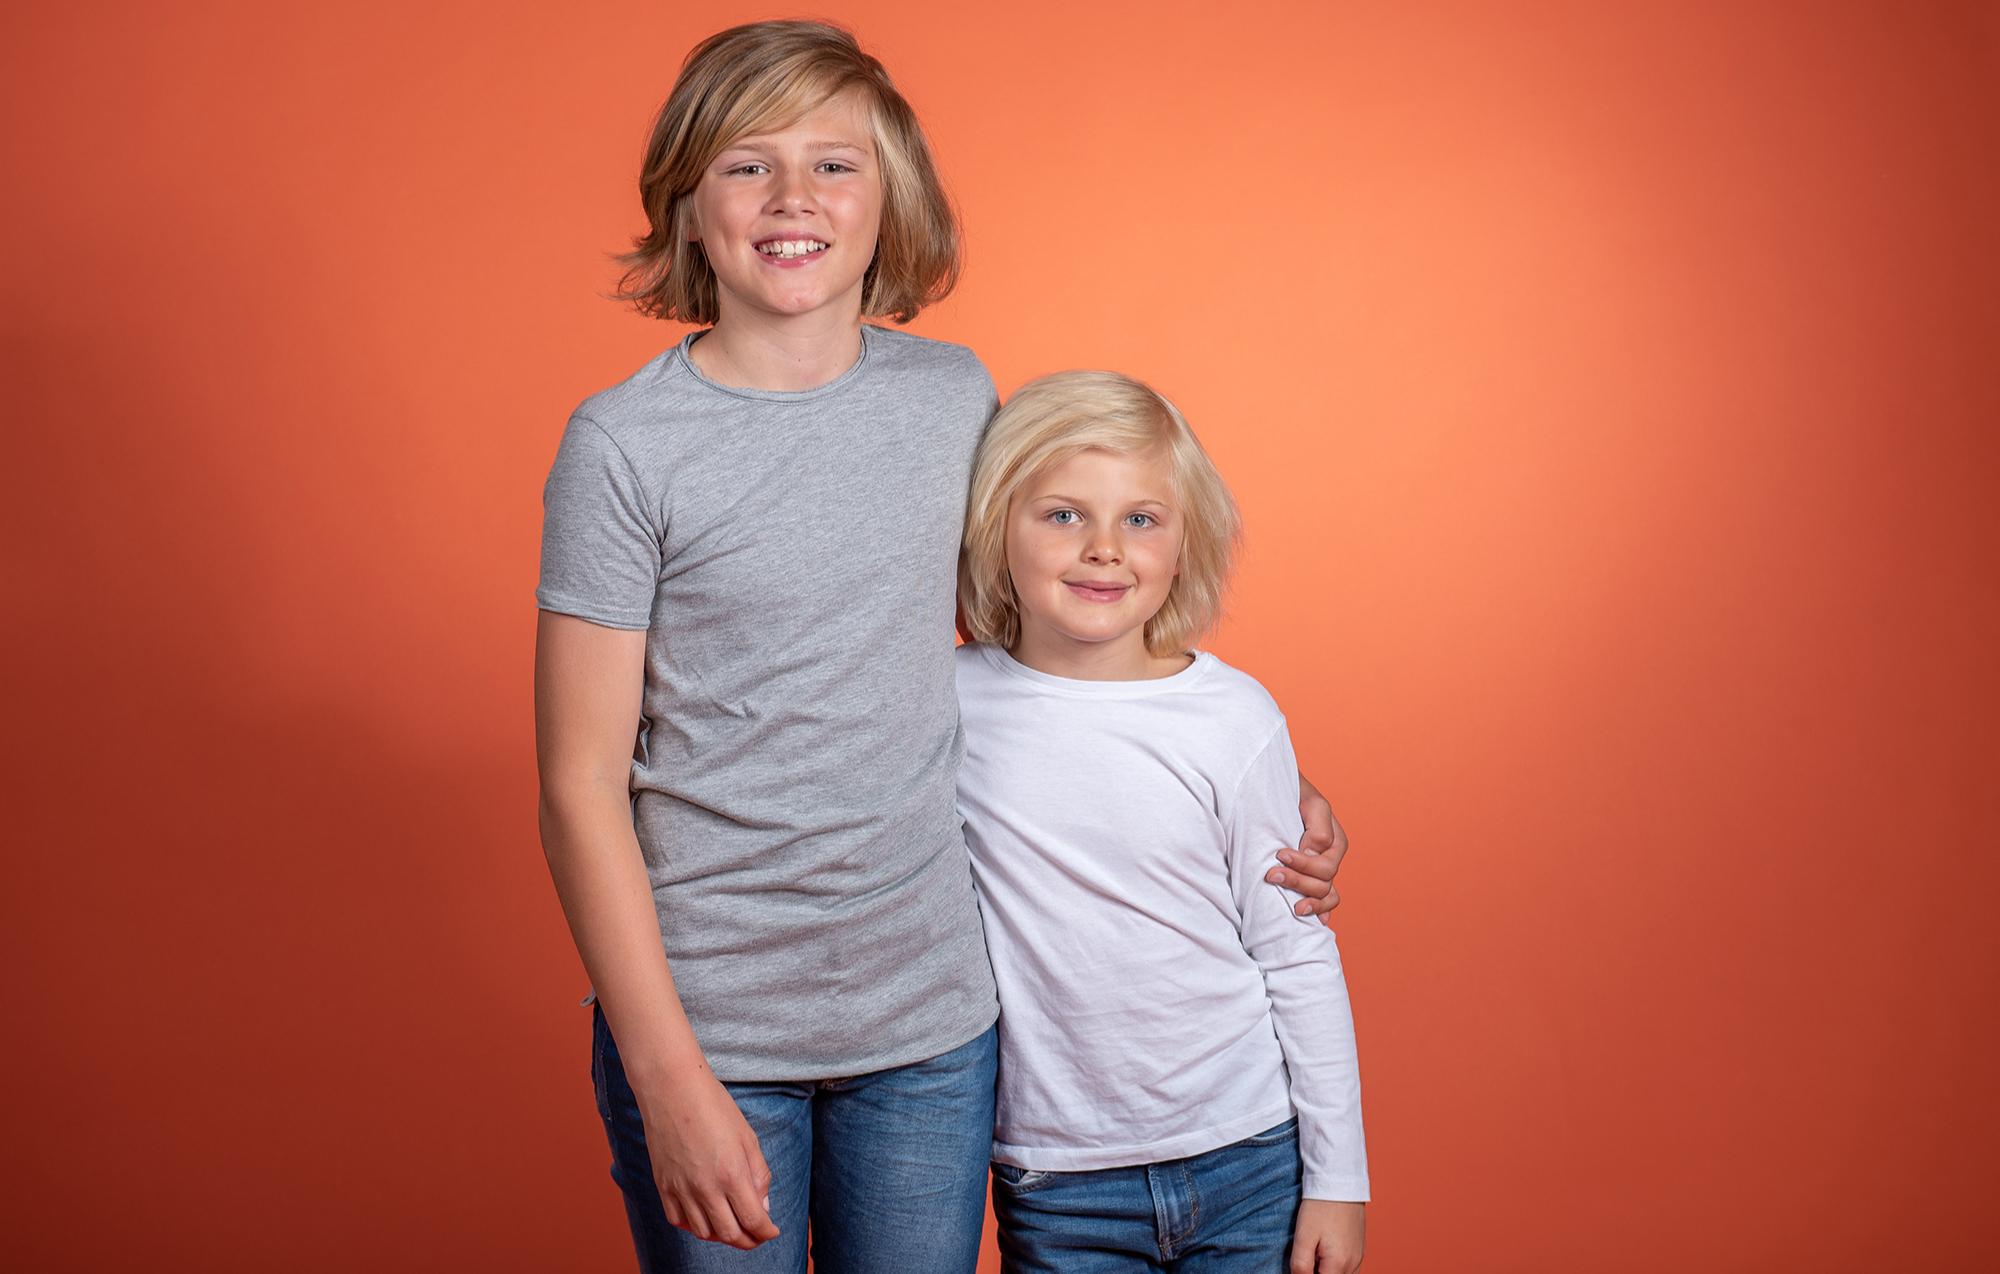 familien-fotoshooting-regensburg-bg2